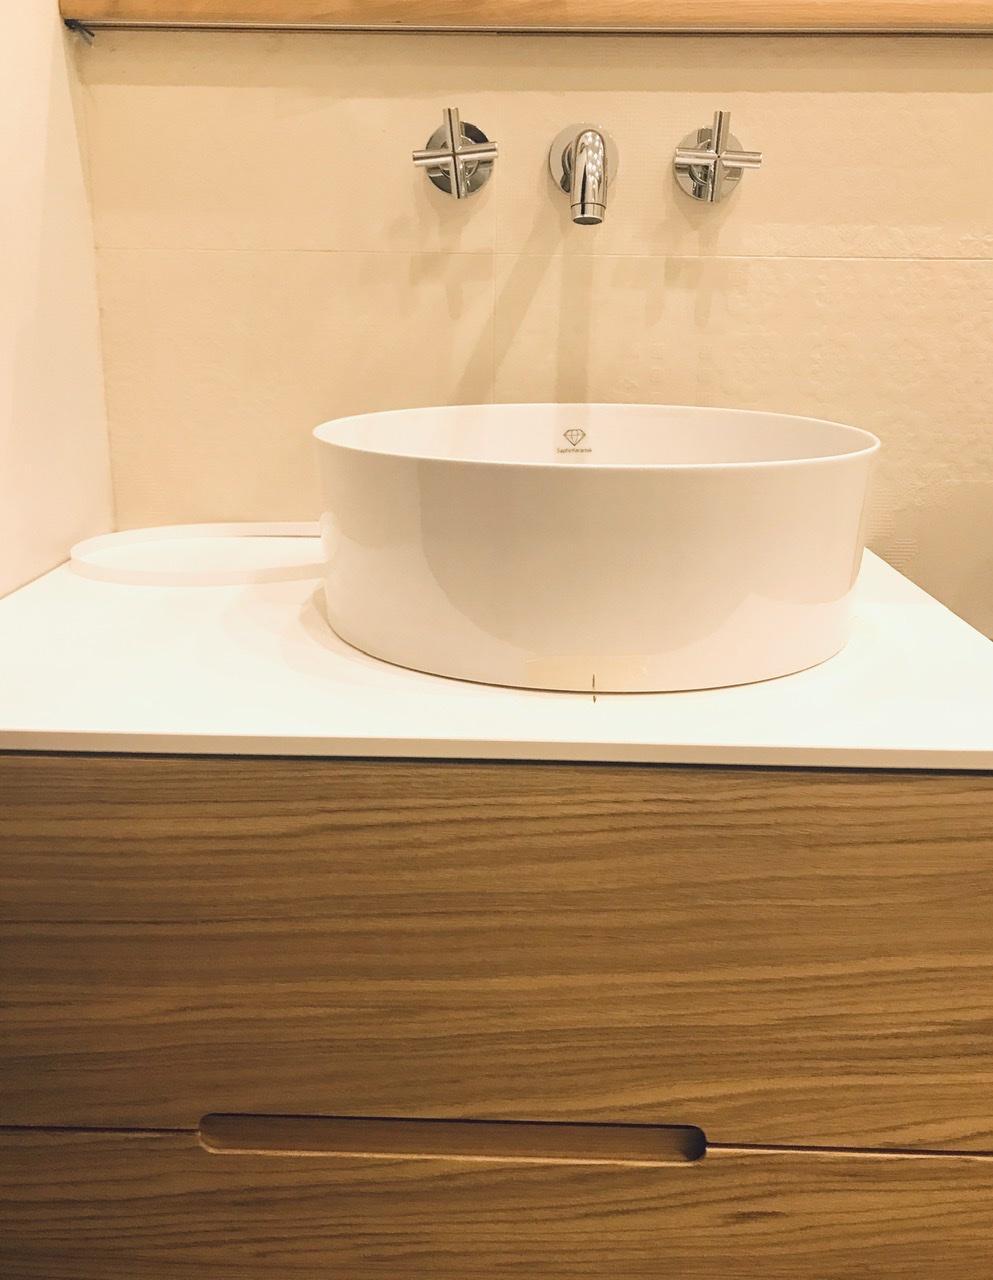 Naše L-ko - 2021 - stále dokončujeme - Dokončenie dubového nábytku v kúpelni - montáž zapustených led páskov - osvetlenie zapustené do presahu poličky pre nasvietenie obkladu. Osadenie umyvadla. Zafrézovaná spoločná drážka pre oba šuplíky skrinky.